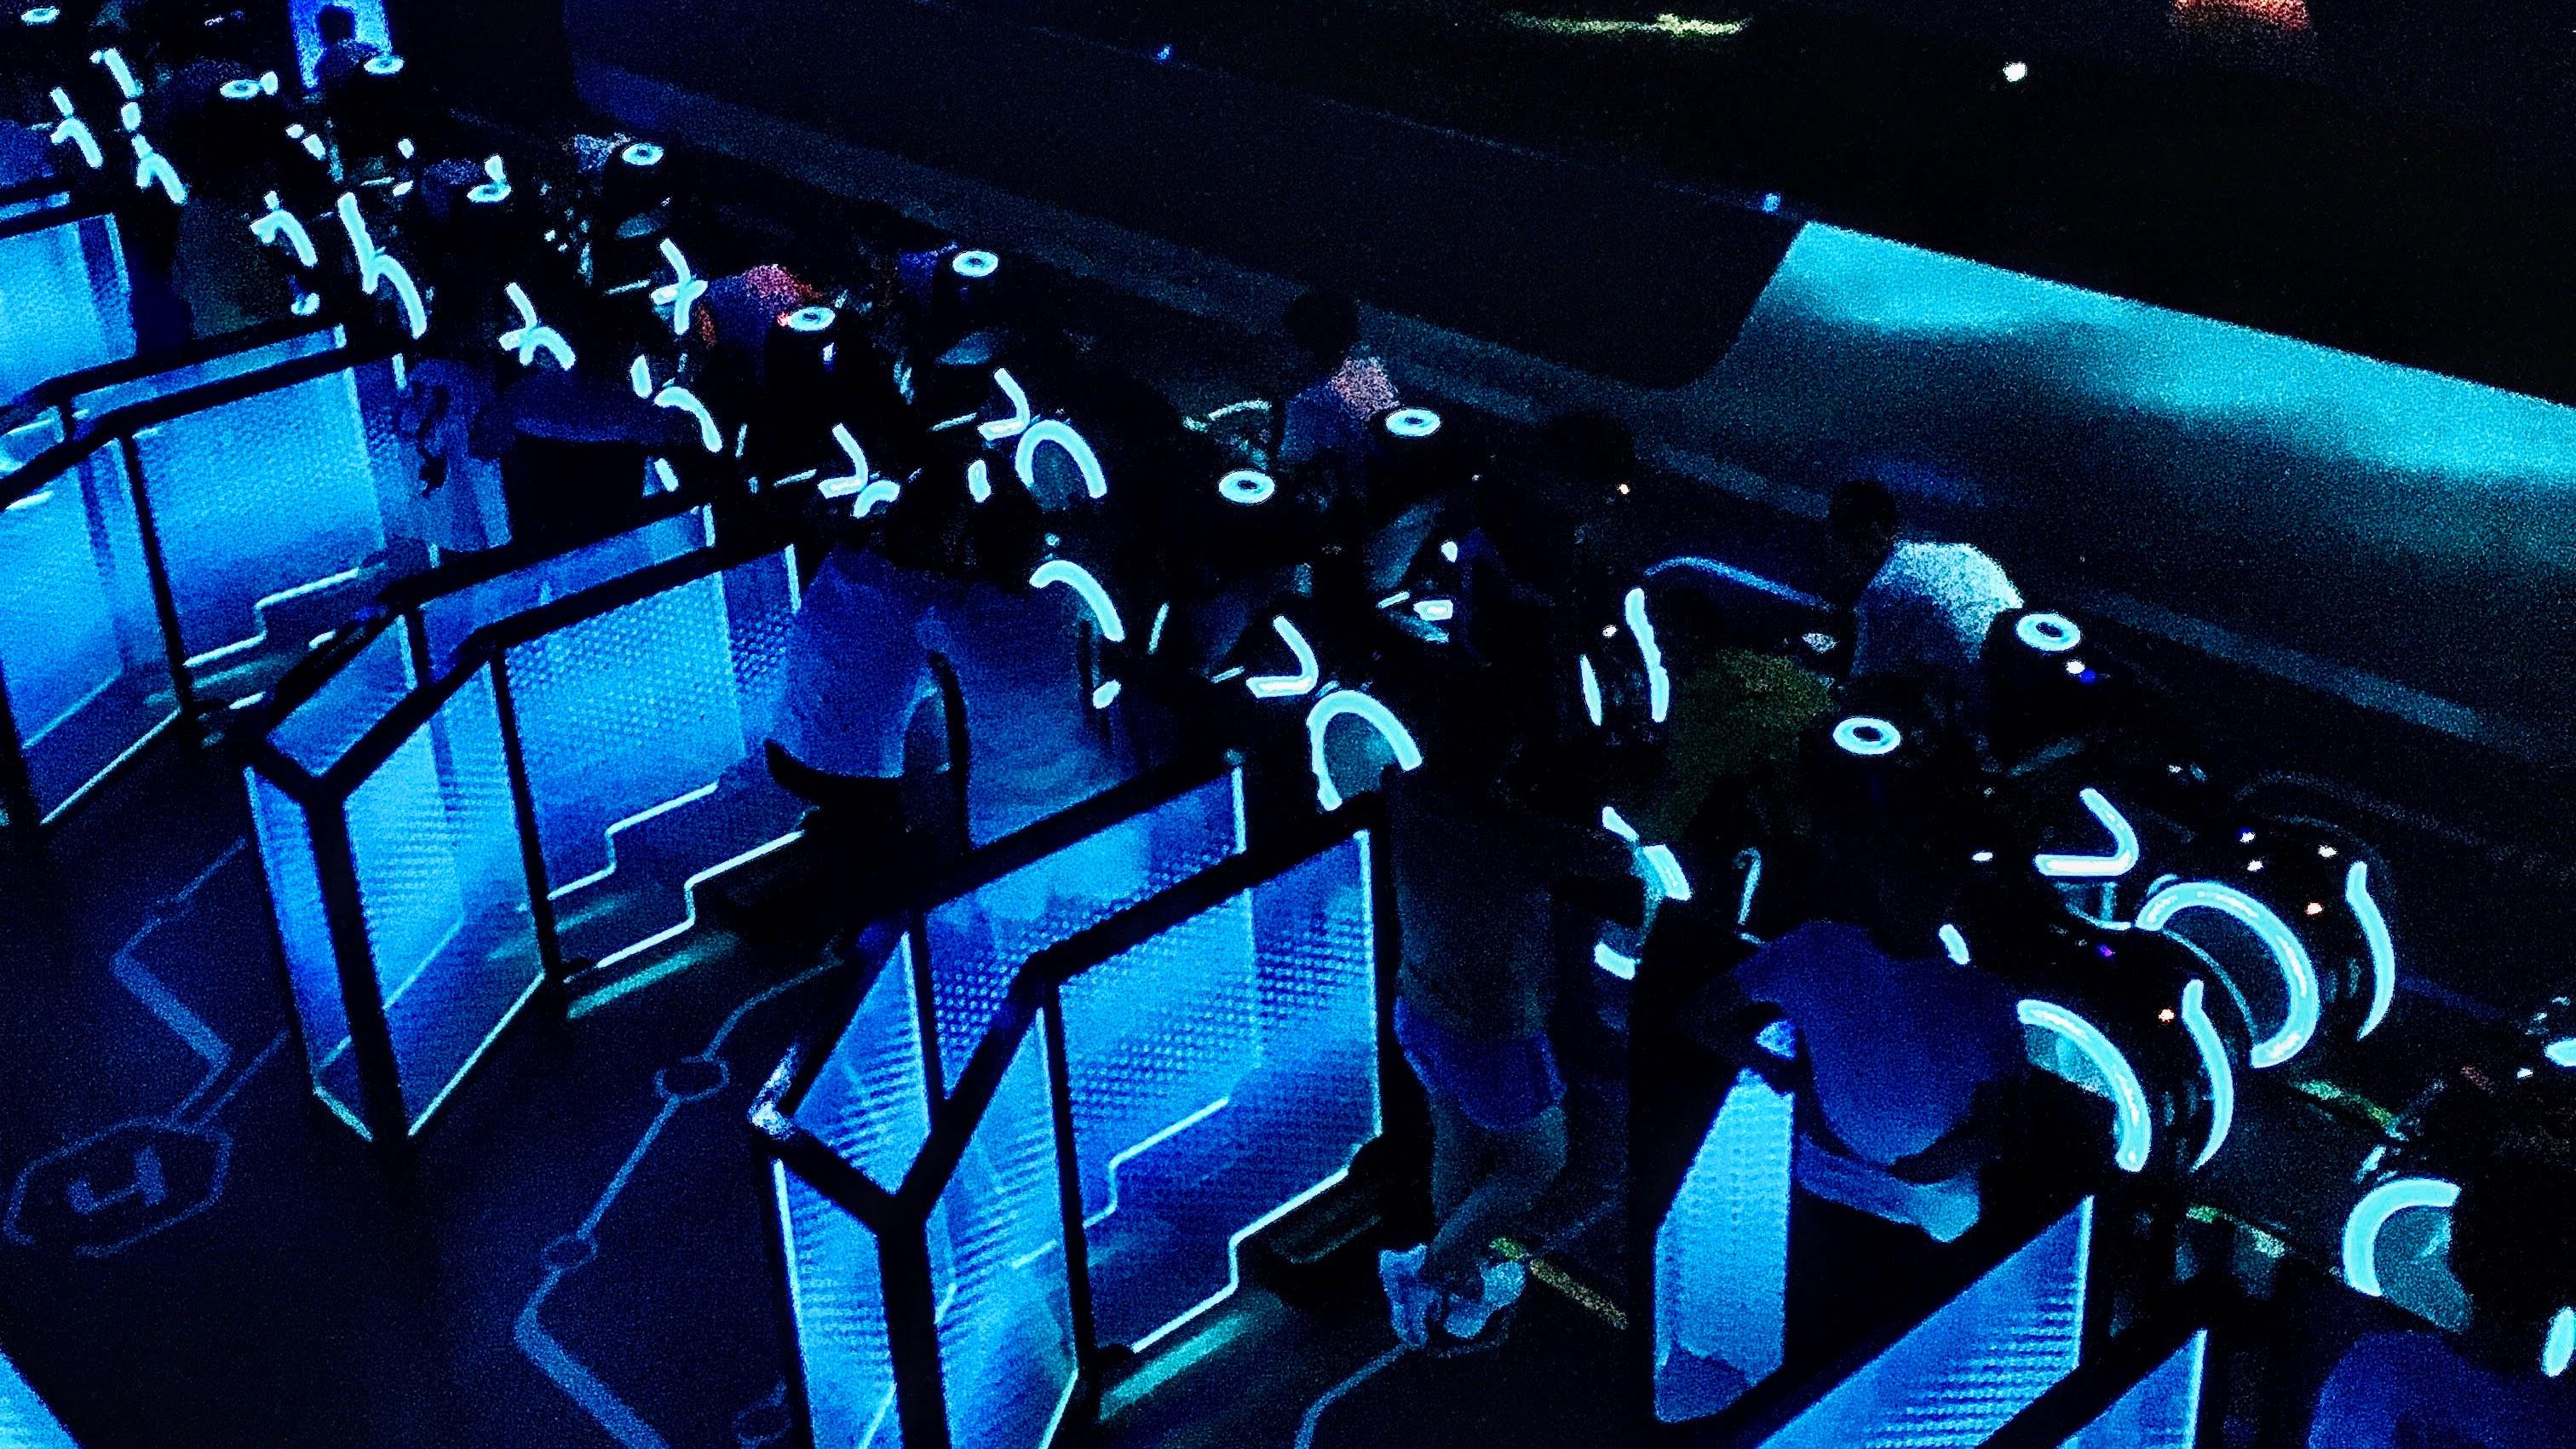 排队的时候很有科幻感